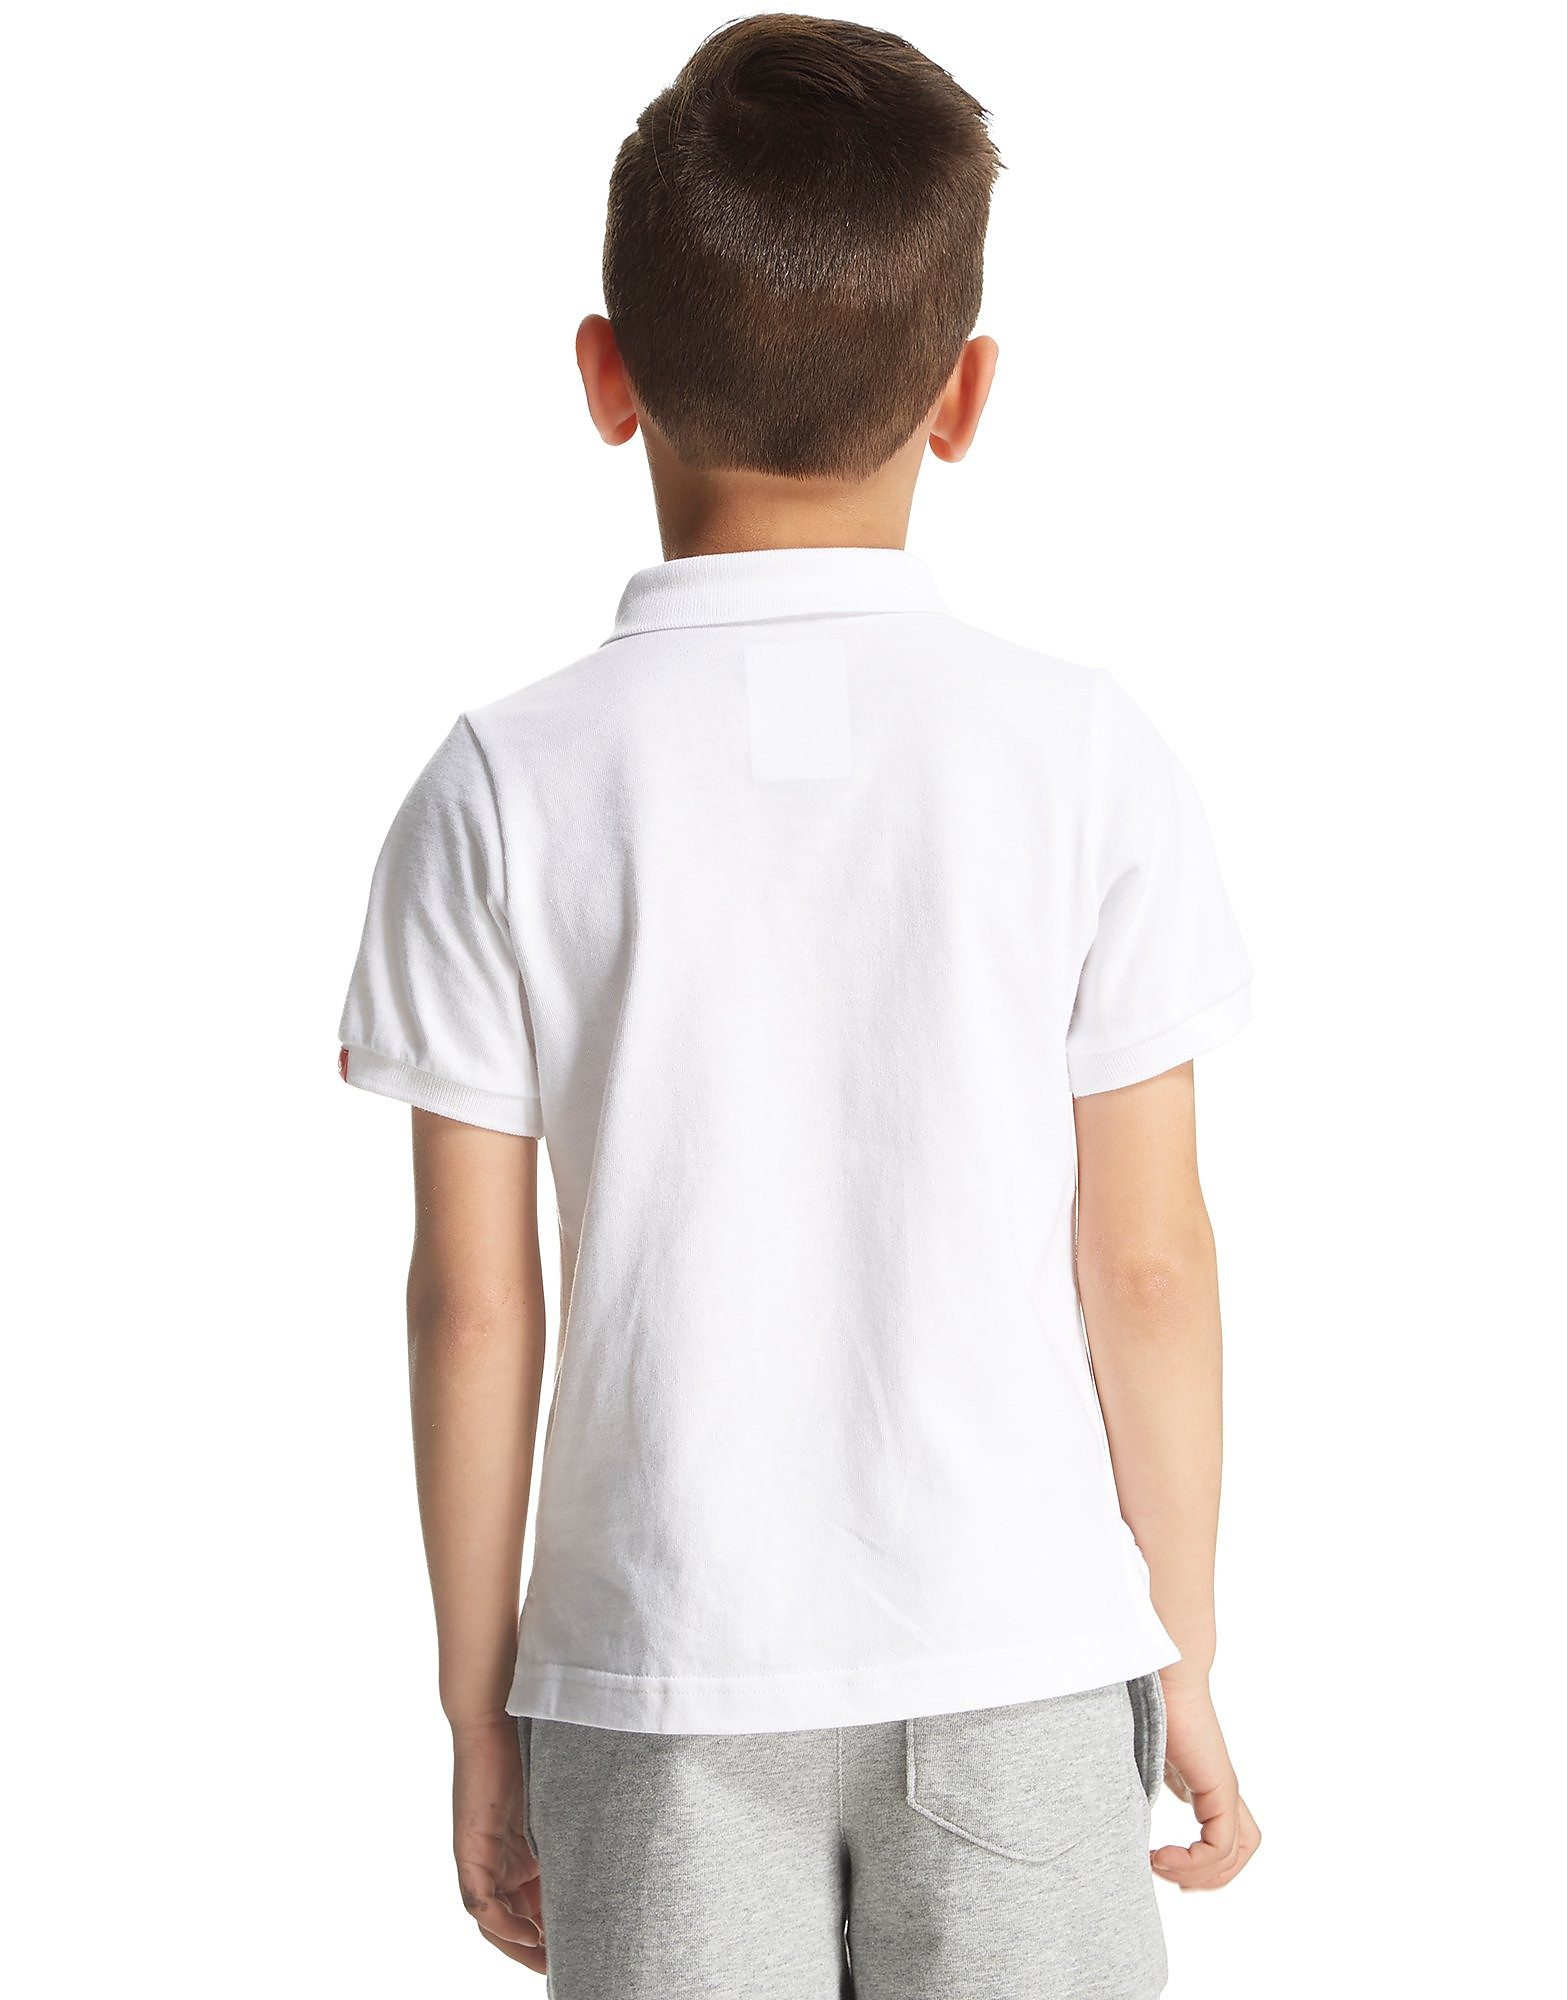 Nike Polo Franchise pour enfants